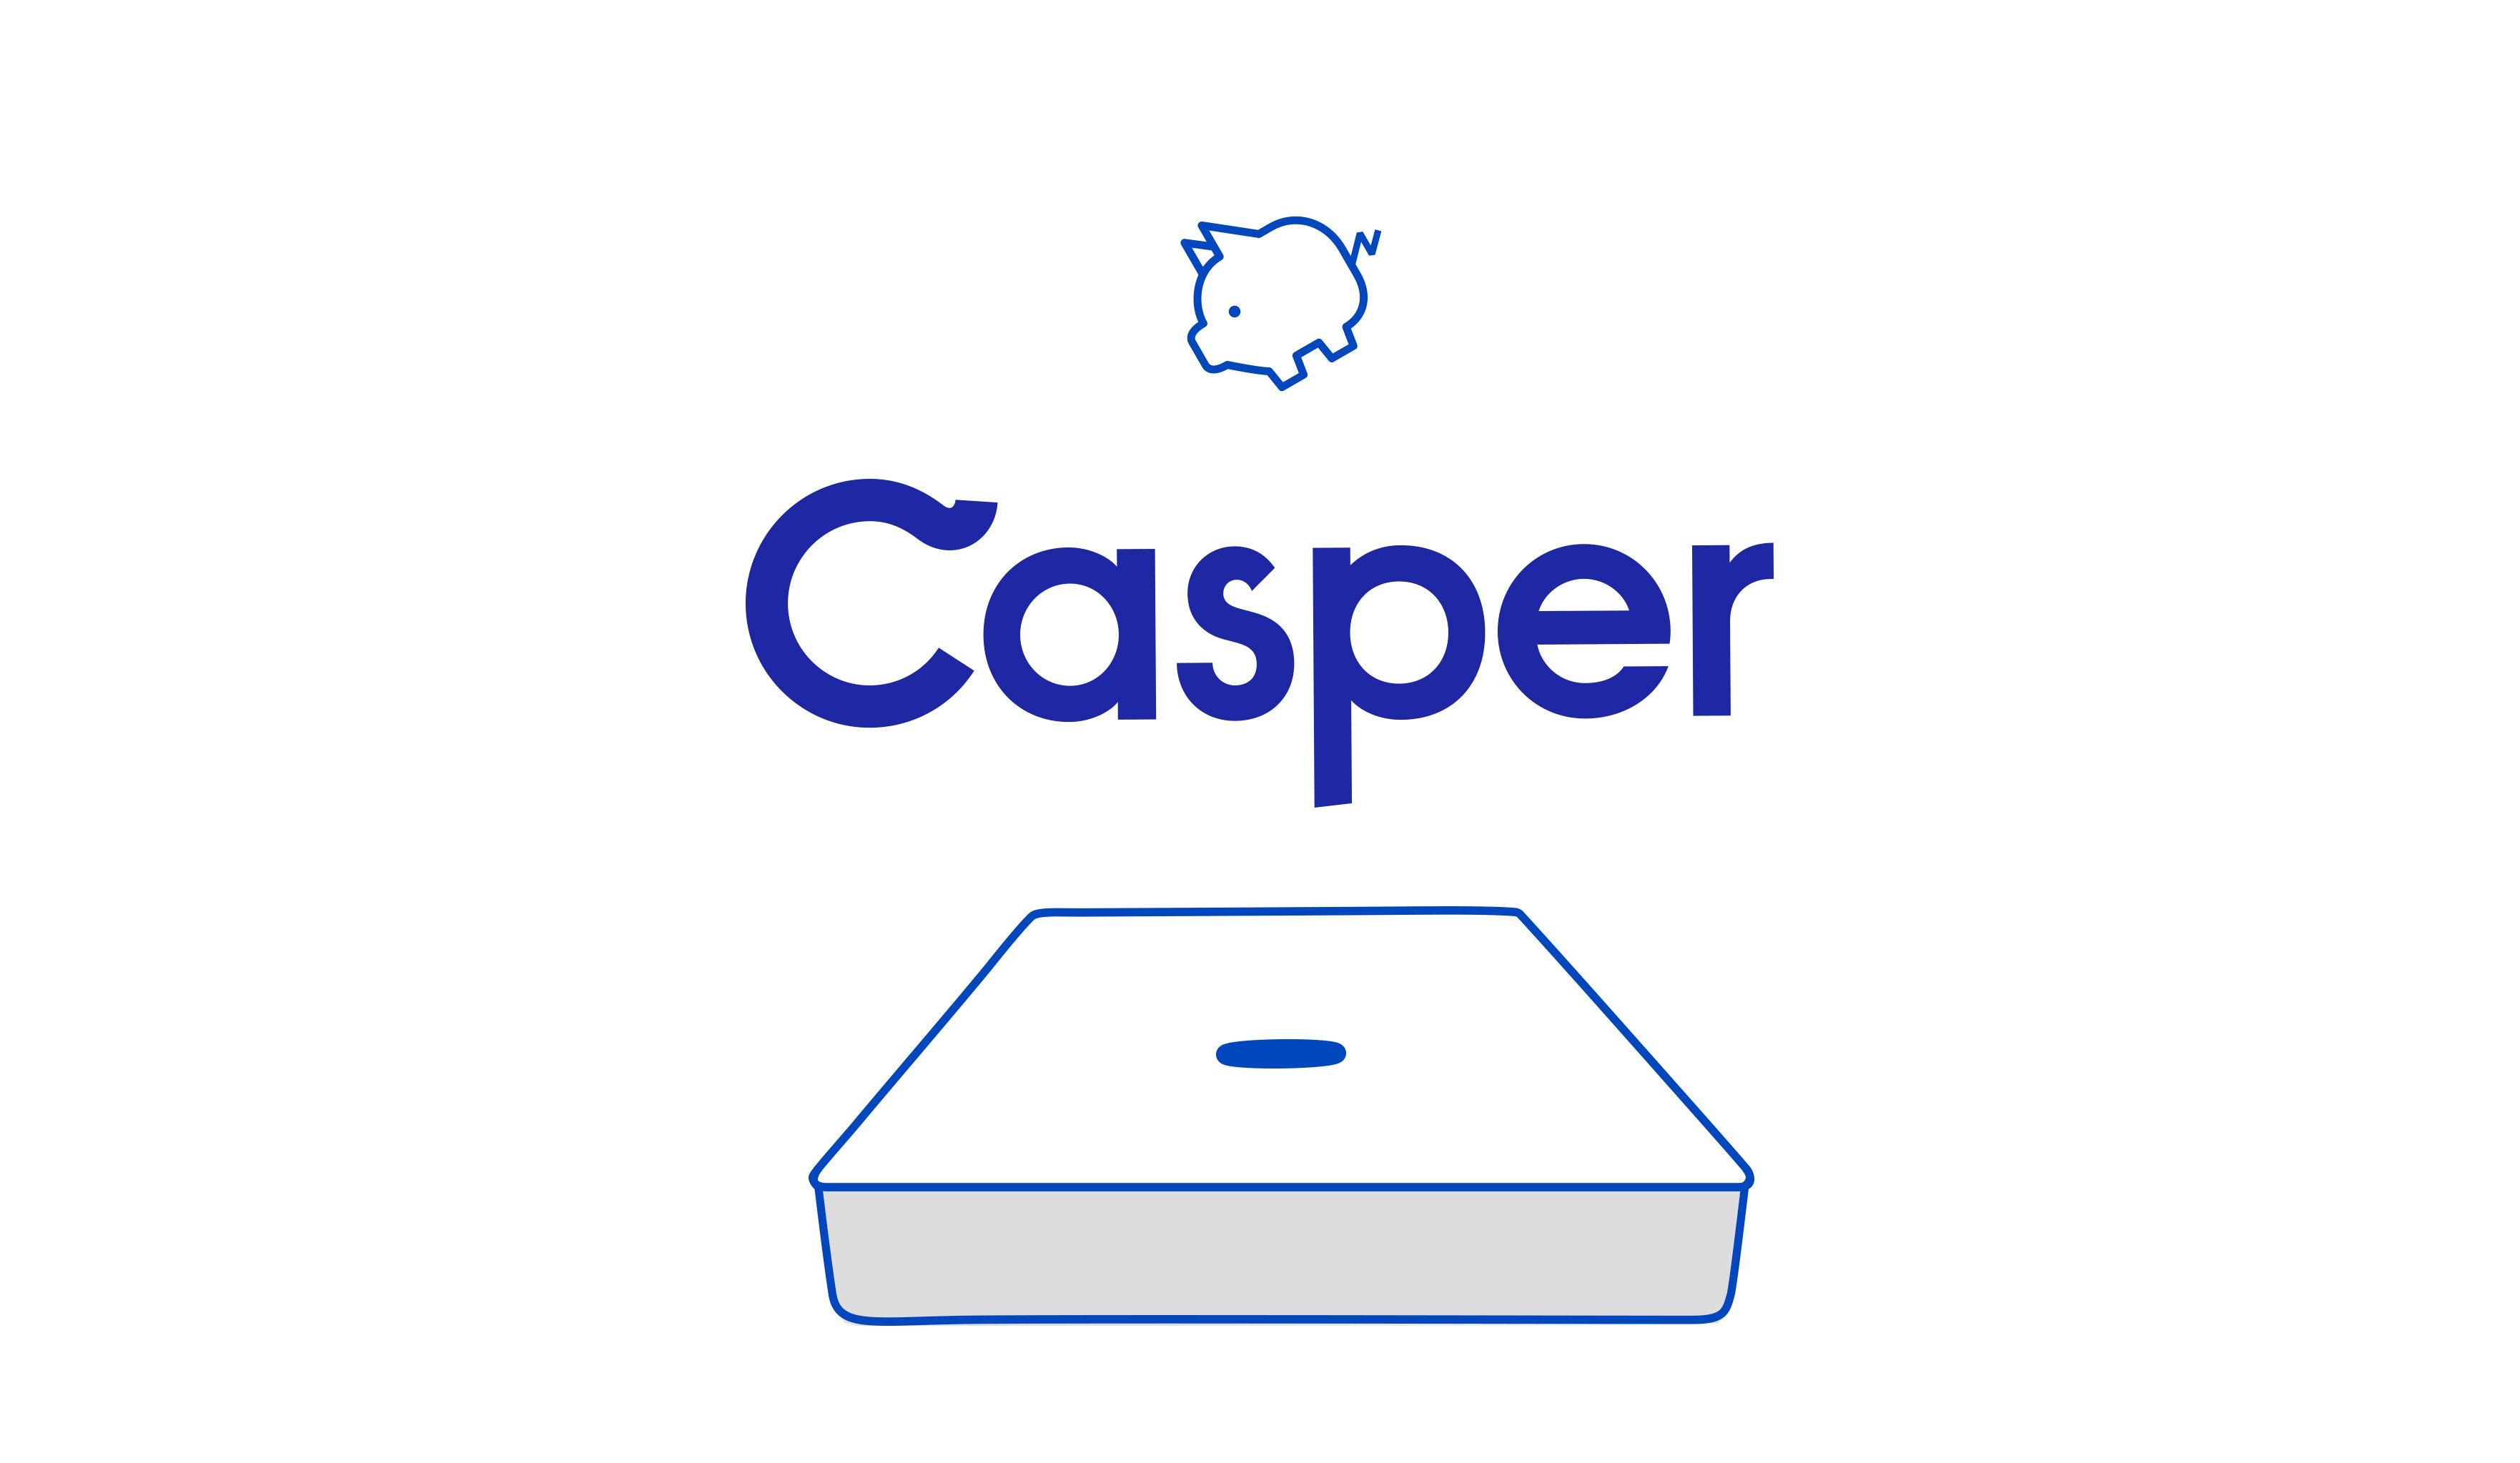 Casper mattress logo